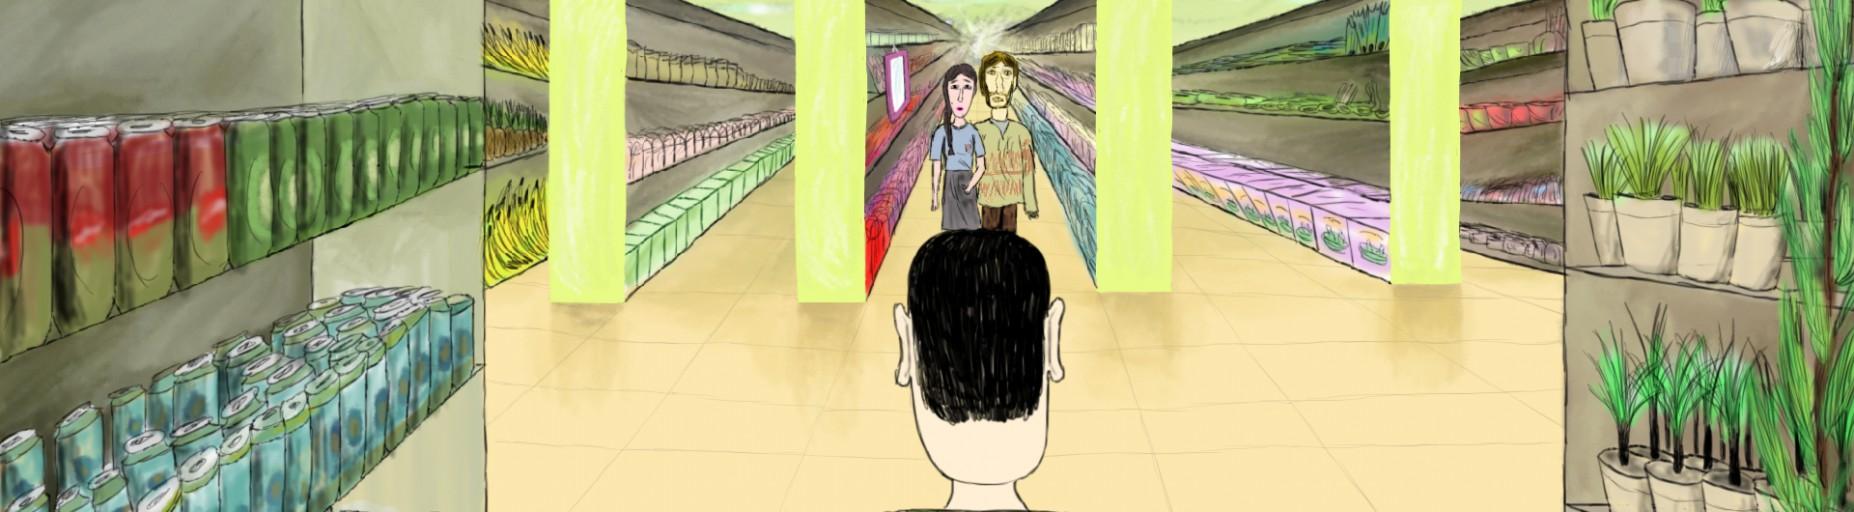 Online a Friss Hús-nagydíjas szakítós animáció